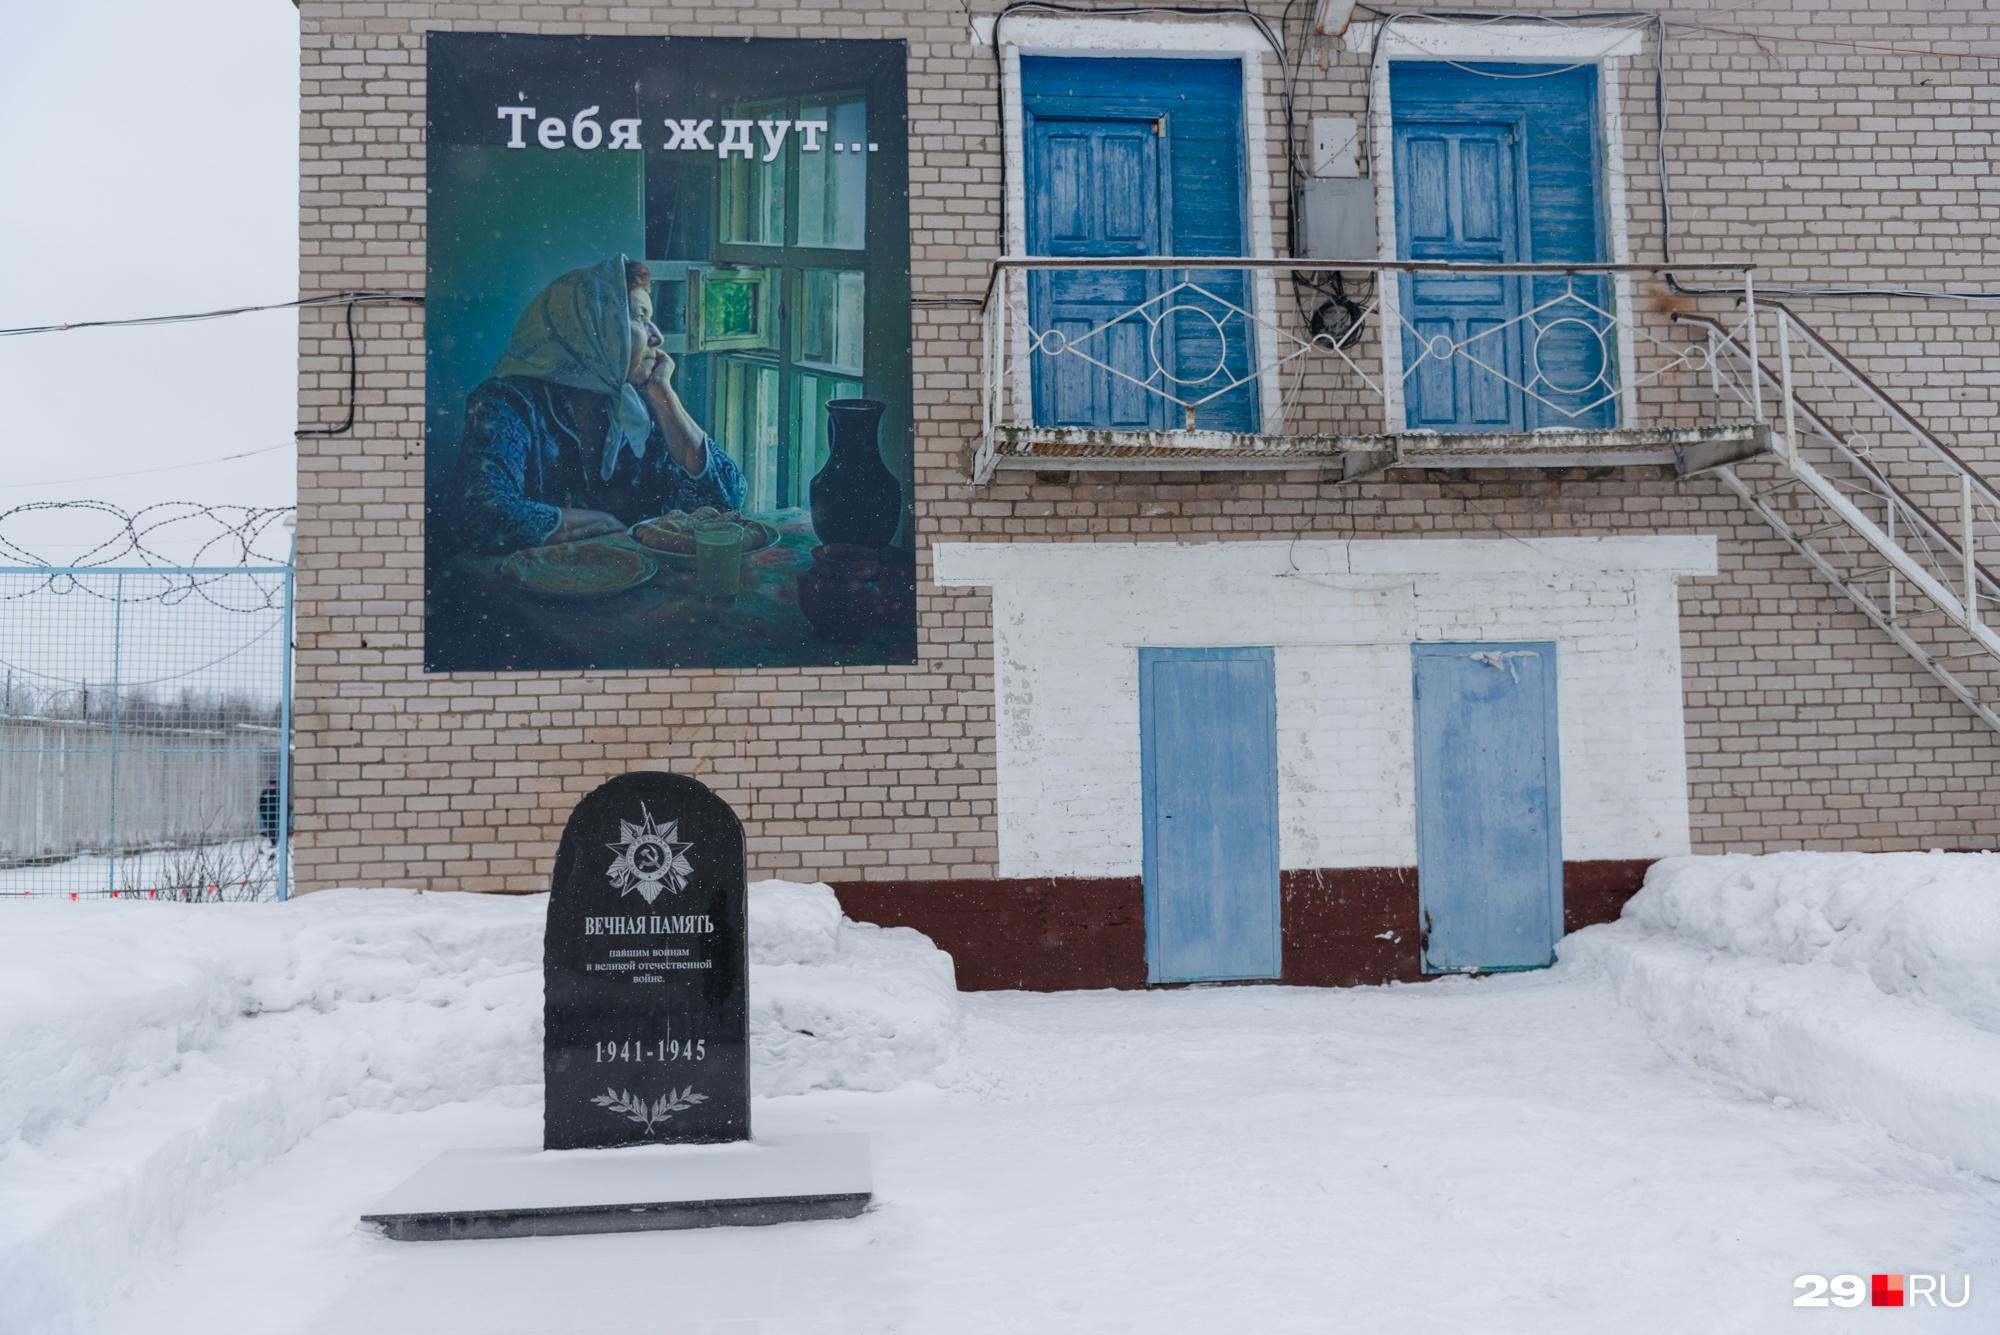 Ефимов говорит, что, когда освободится, хочет завести семью, помогать родителям, поступить в университет — готовится к экзаменам